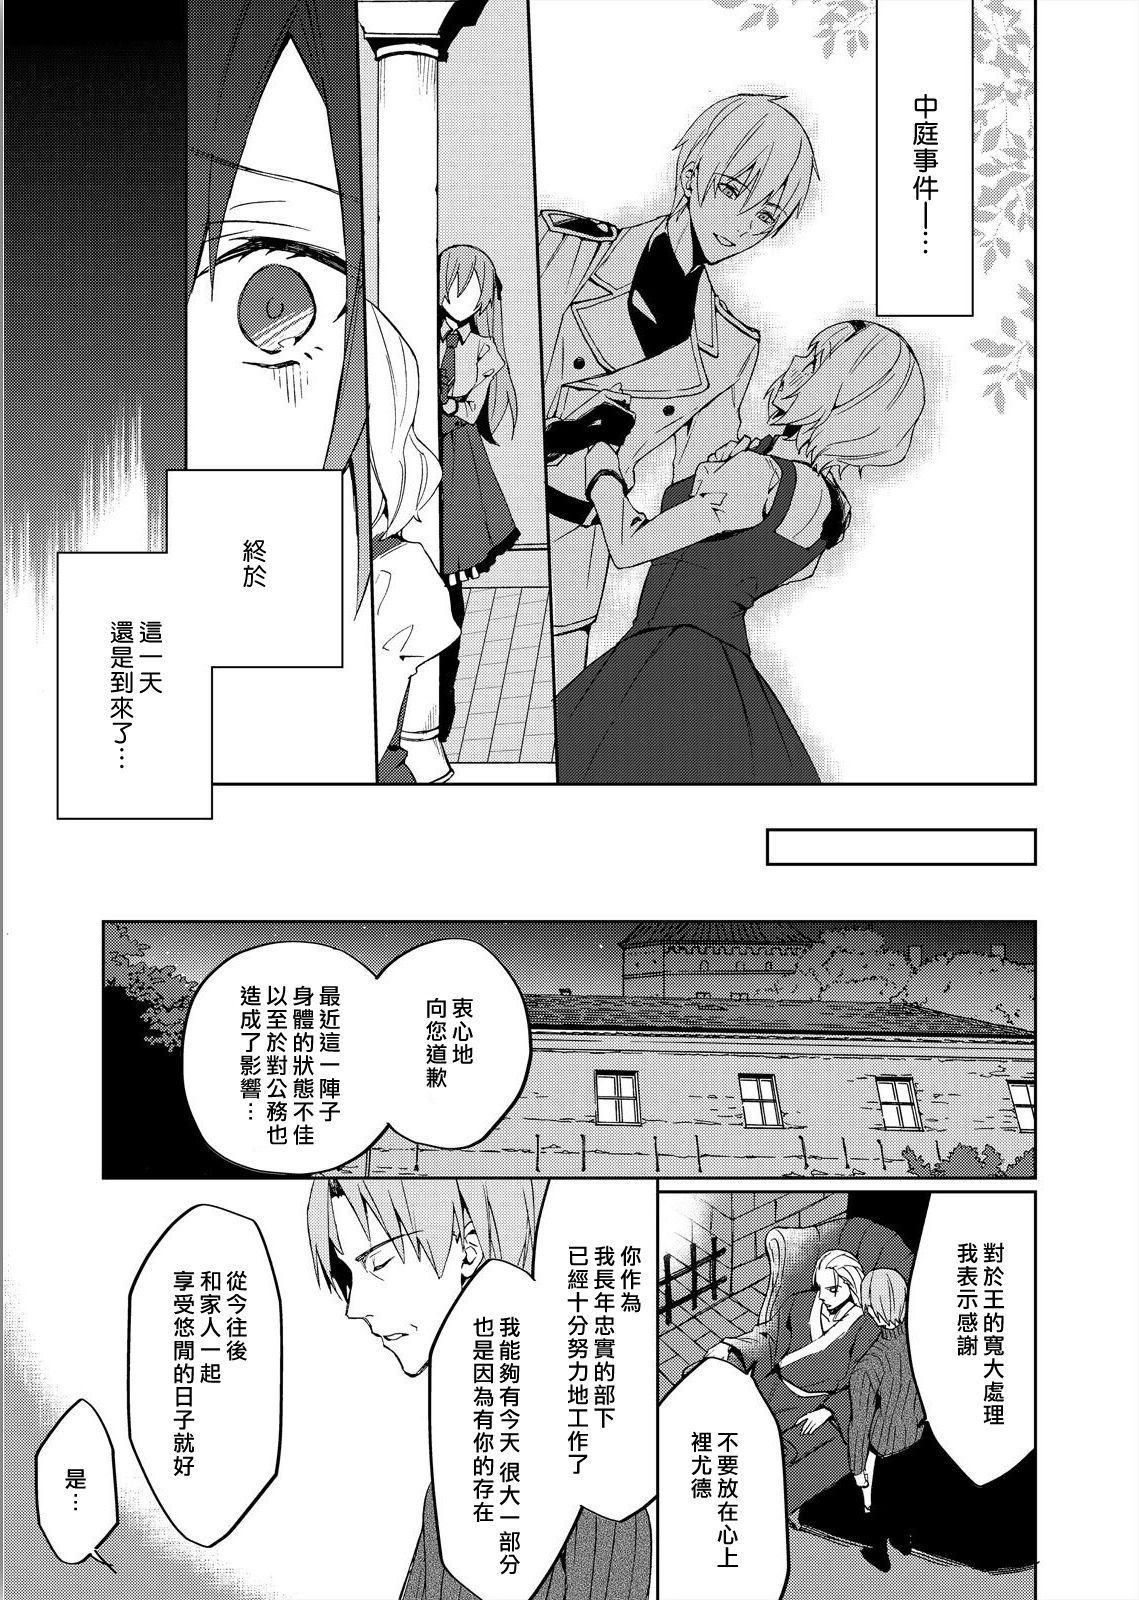 [Yuzushiwo] Akuyaku Reijou wa Ichizu ni Dekiai sarete ~Noumitsu Sex no Aite wa Juuboku~ | 被疯狂溺爱的反派大小姐~浓密性爱对象是仆从~ 1-5 [Chinese] [莉赛特汉化组] 16